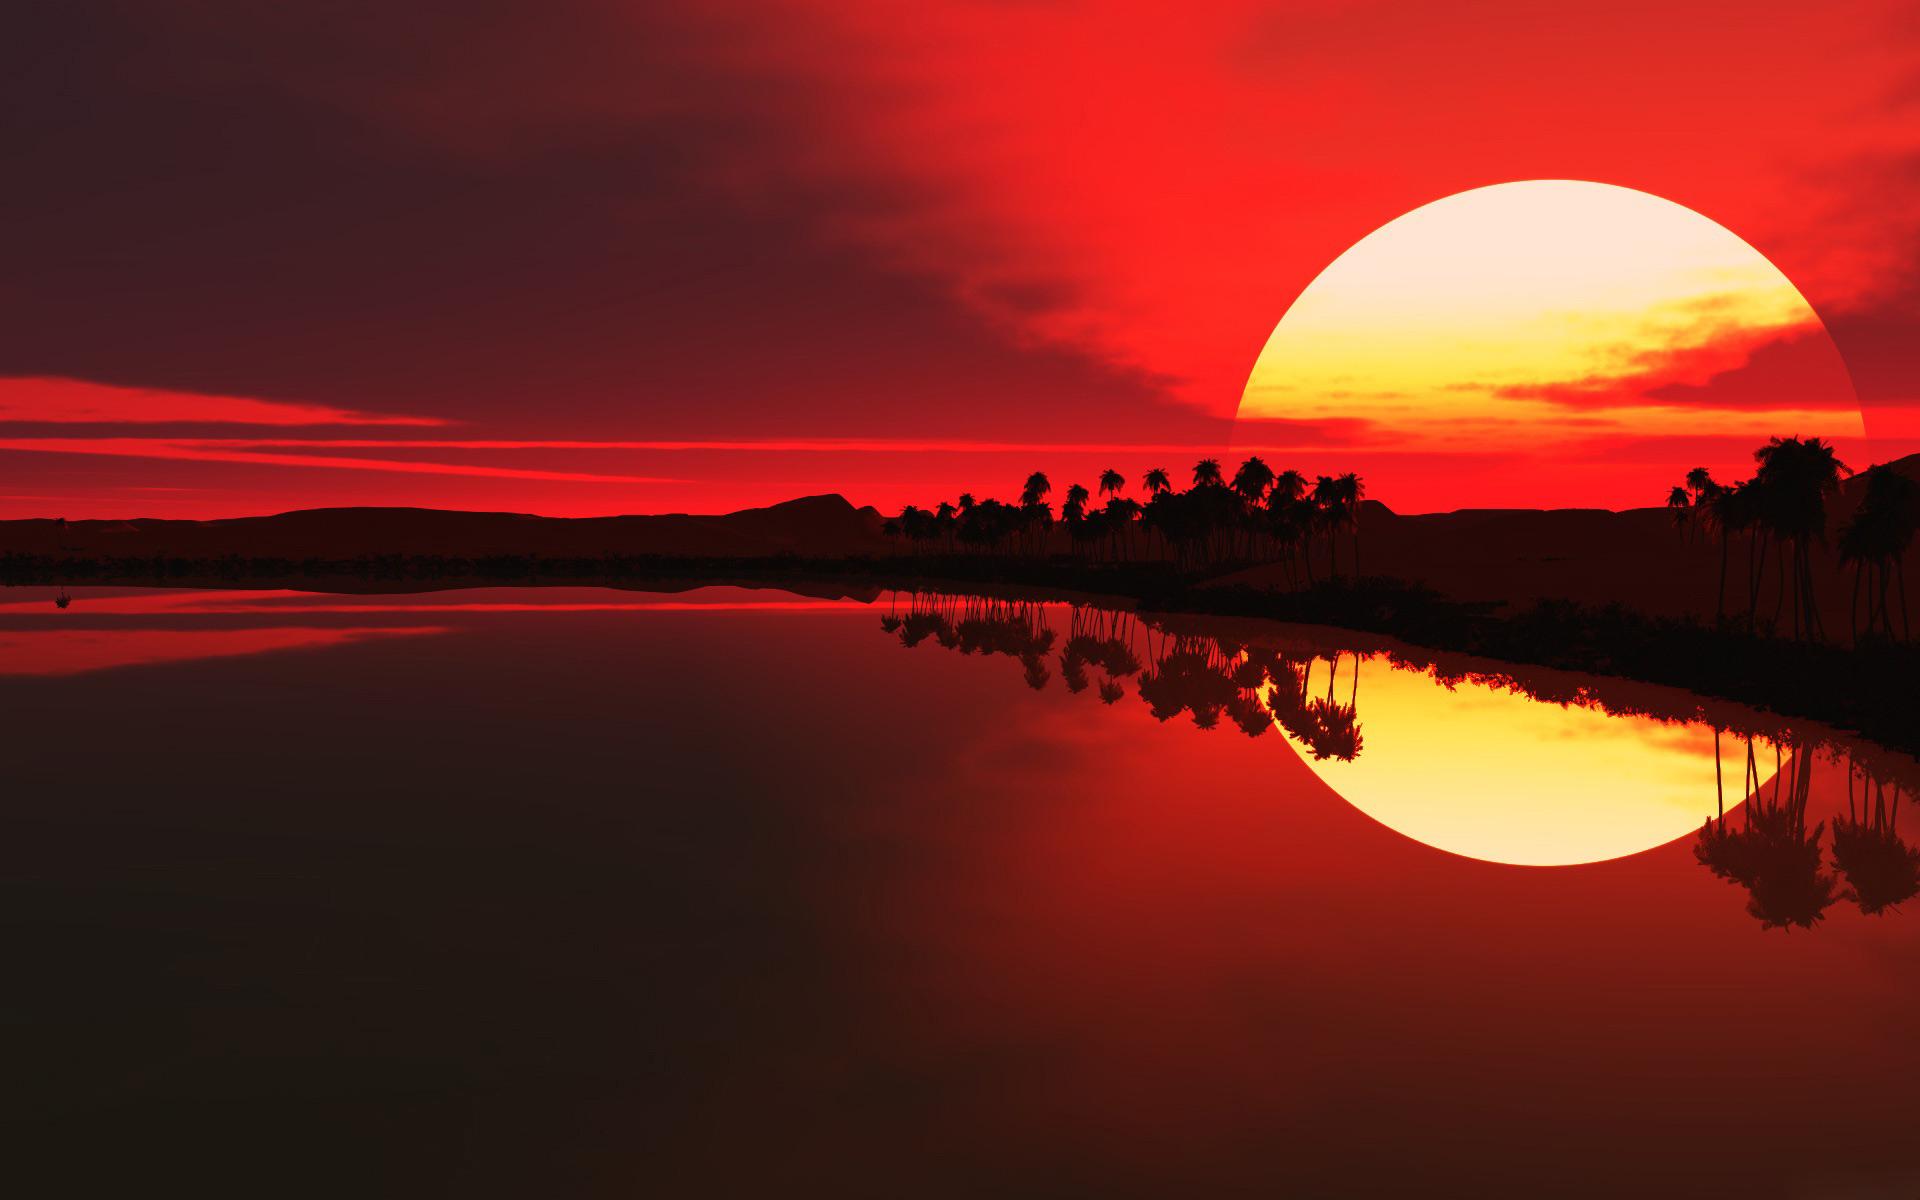 African Sunset Wallpaper | High Quality Wallpapers,Wallpaper Desktop ...